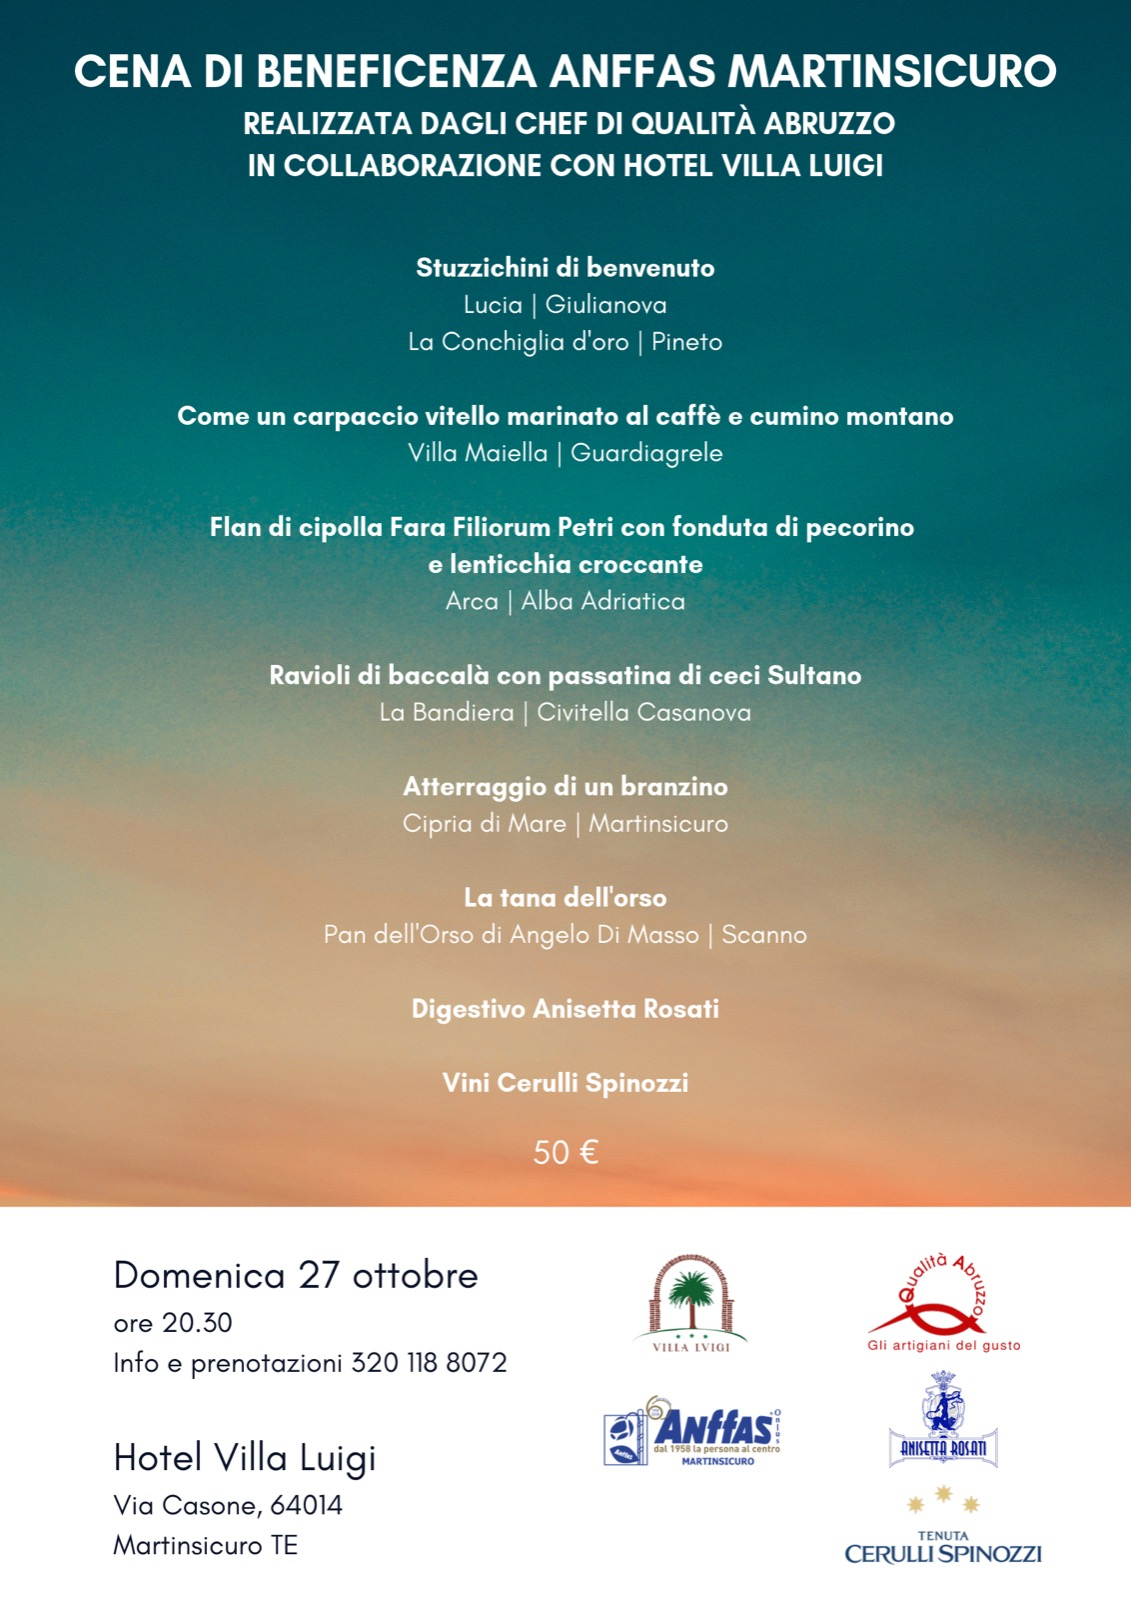 Cena Anffas - Qualità Abruzzo